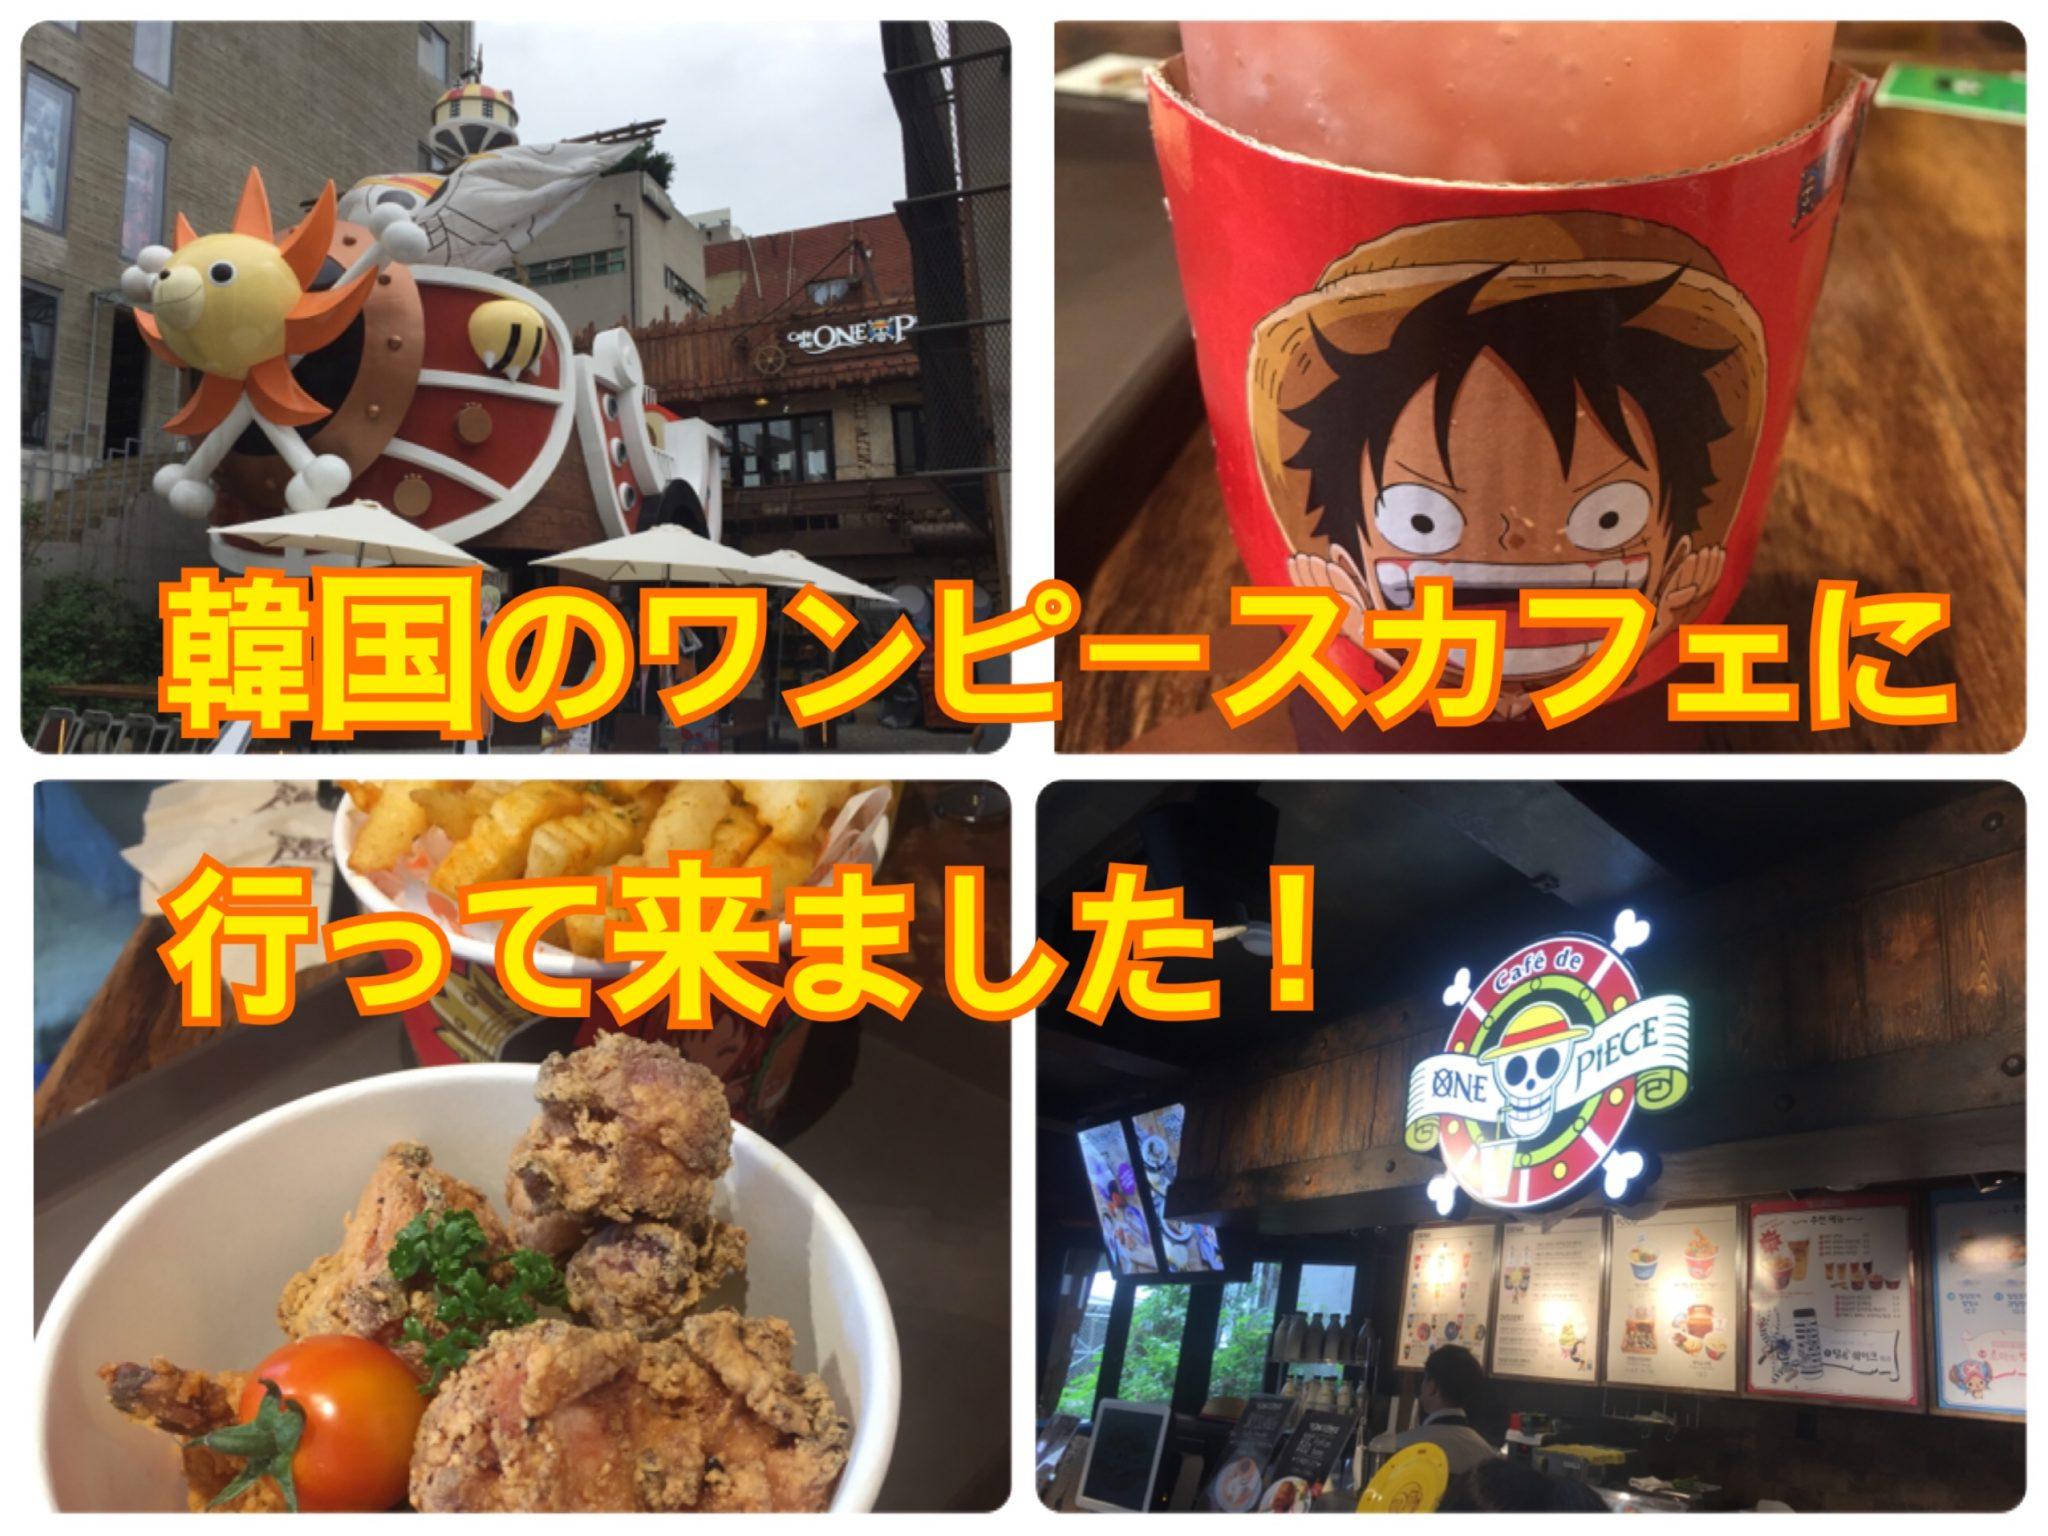 韓国・弘大にある、ワンピースカフェ(Cafe de ONE PIECE)に行ってきました!韓国では珍しく、【日本公式ライセンス取得】のお店です!